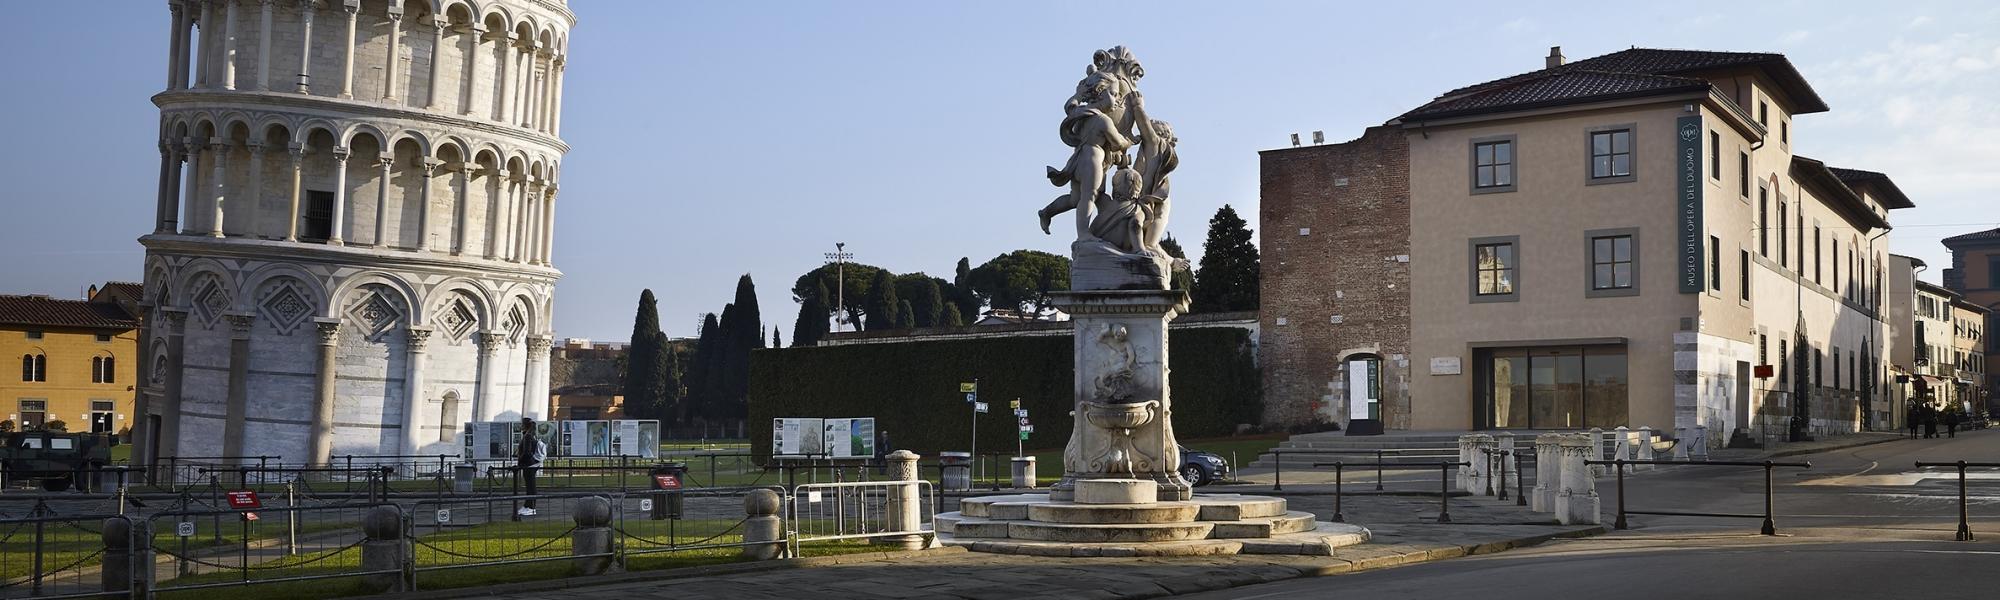 Fontana dei Putti, Piazza del Duomo (Opera Primaziale Pisana)